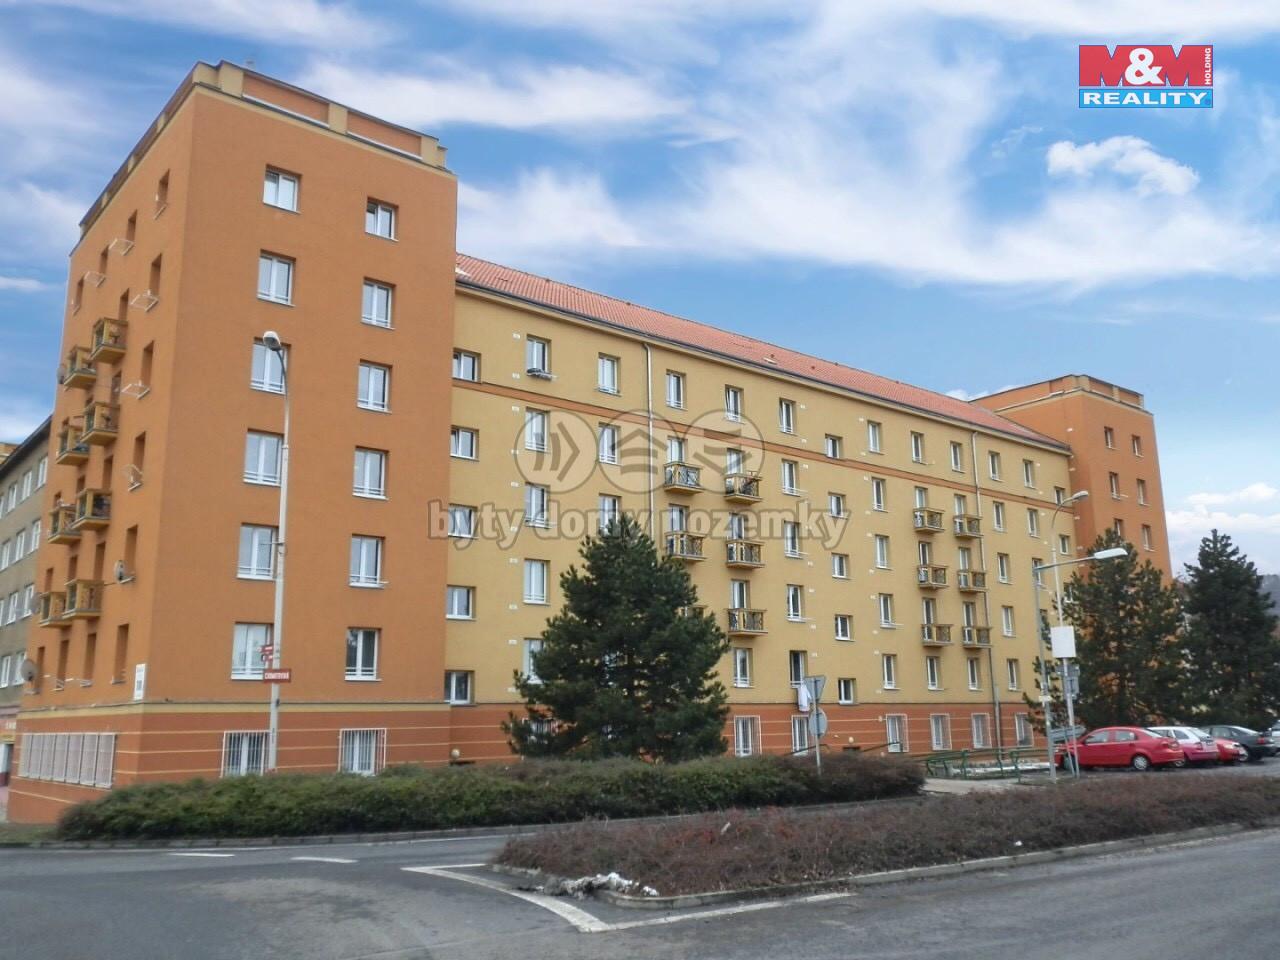 Pronájem bytu 2+kk, 51 m², Most, ul. tř. Budovatelů